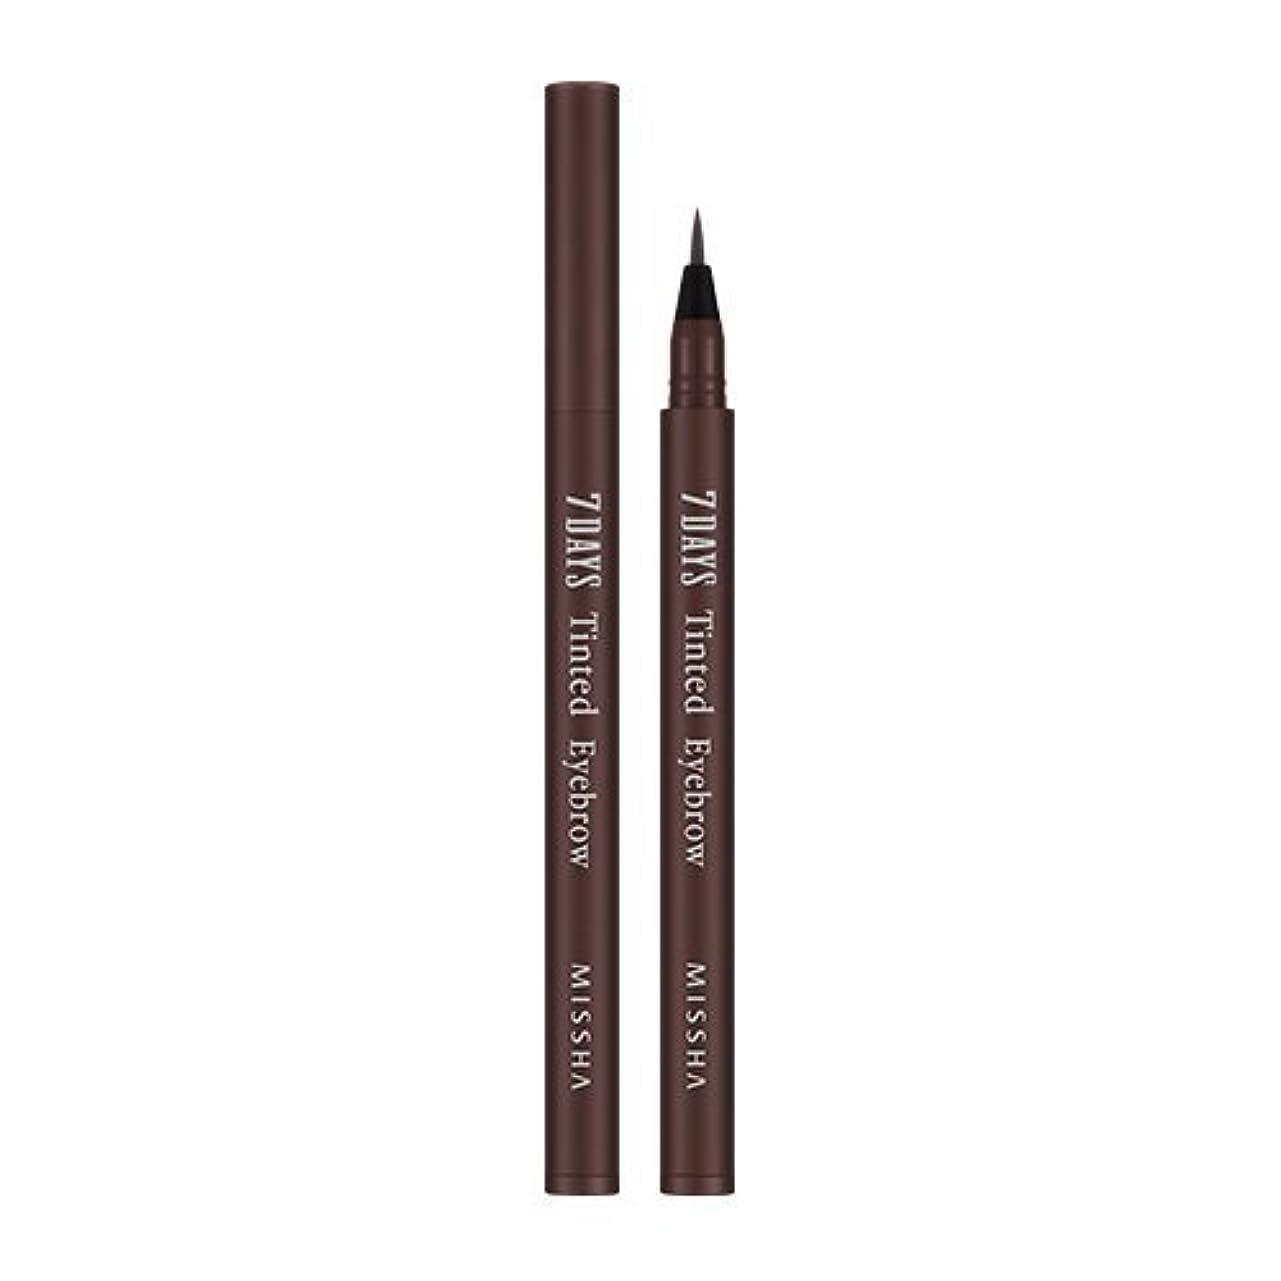 レガシーショートカットバンドルMISSHA Seven Days Tinted Eye Brow 0.8ml (#01 Maroon Brown)/ミシャ セブンデイズ ティンテッド アイブロウ 0.8ml (#01 Maroon Brown)